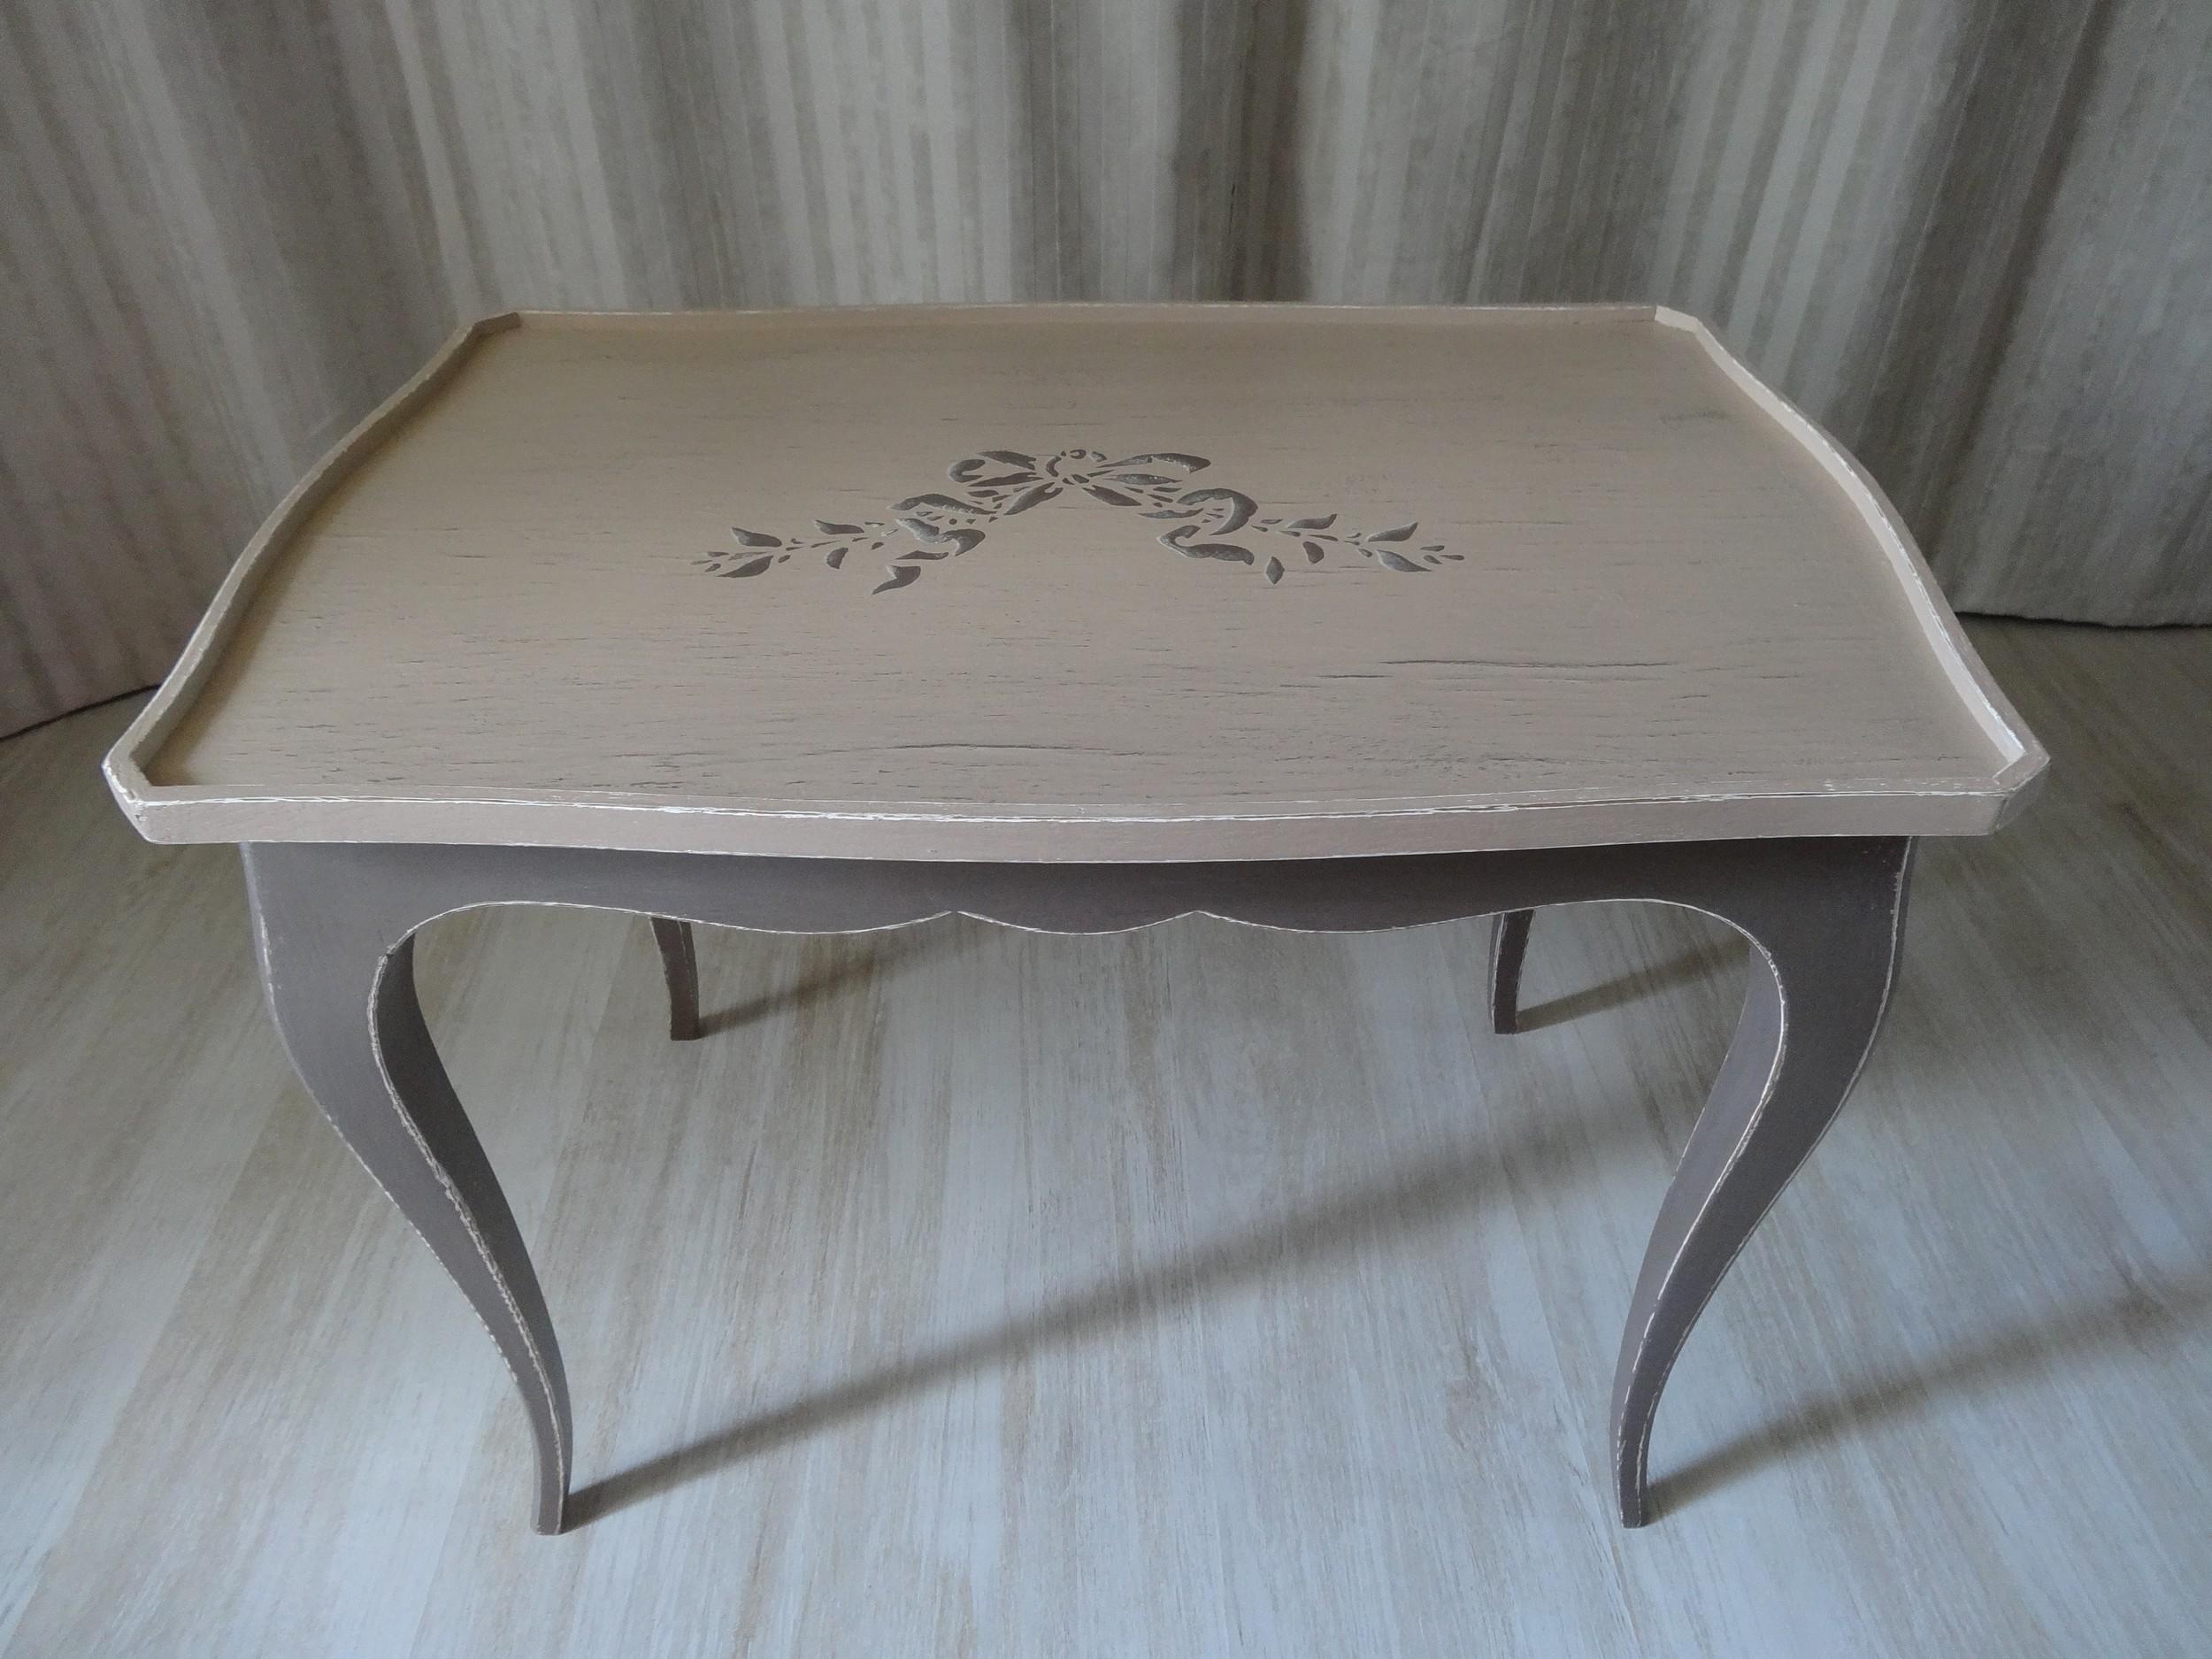 DSC08850-2500 Incroyable De Table Basse Anglais Conception